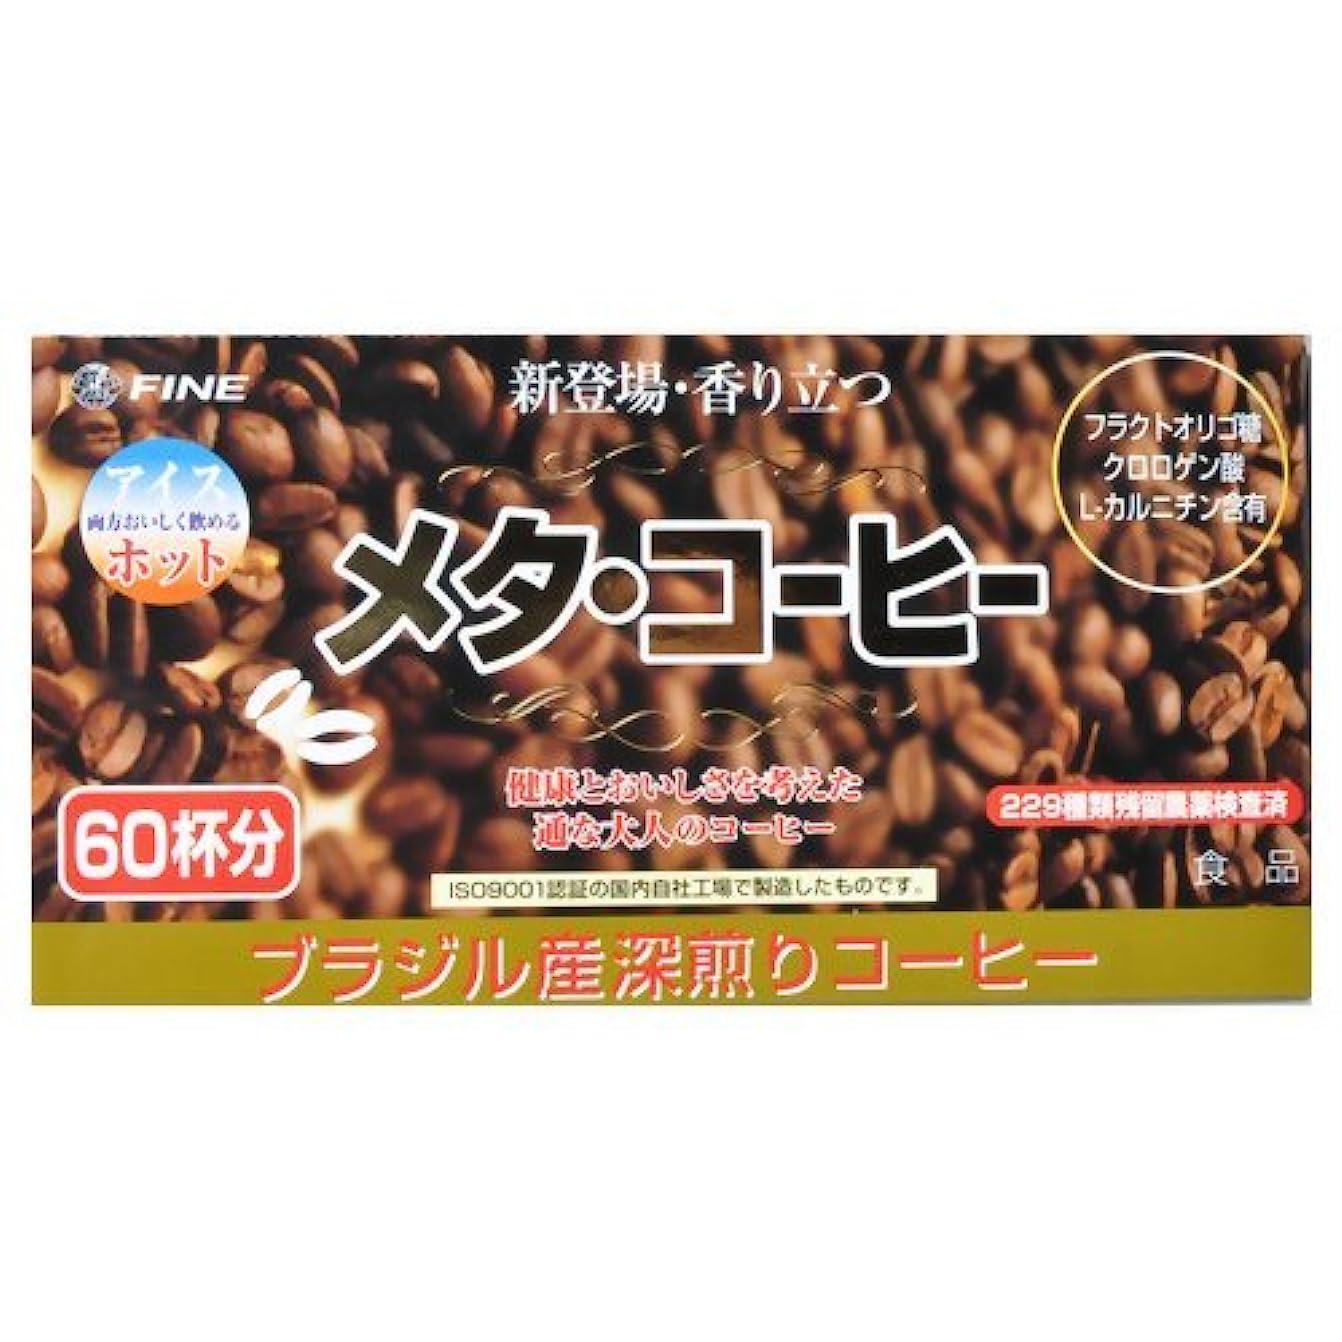 麺マーカー一月ファイン 美味しいメタボコーヒー Slim&Diet(スリム&ダイエット) 60包